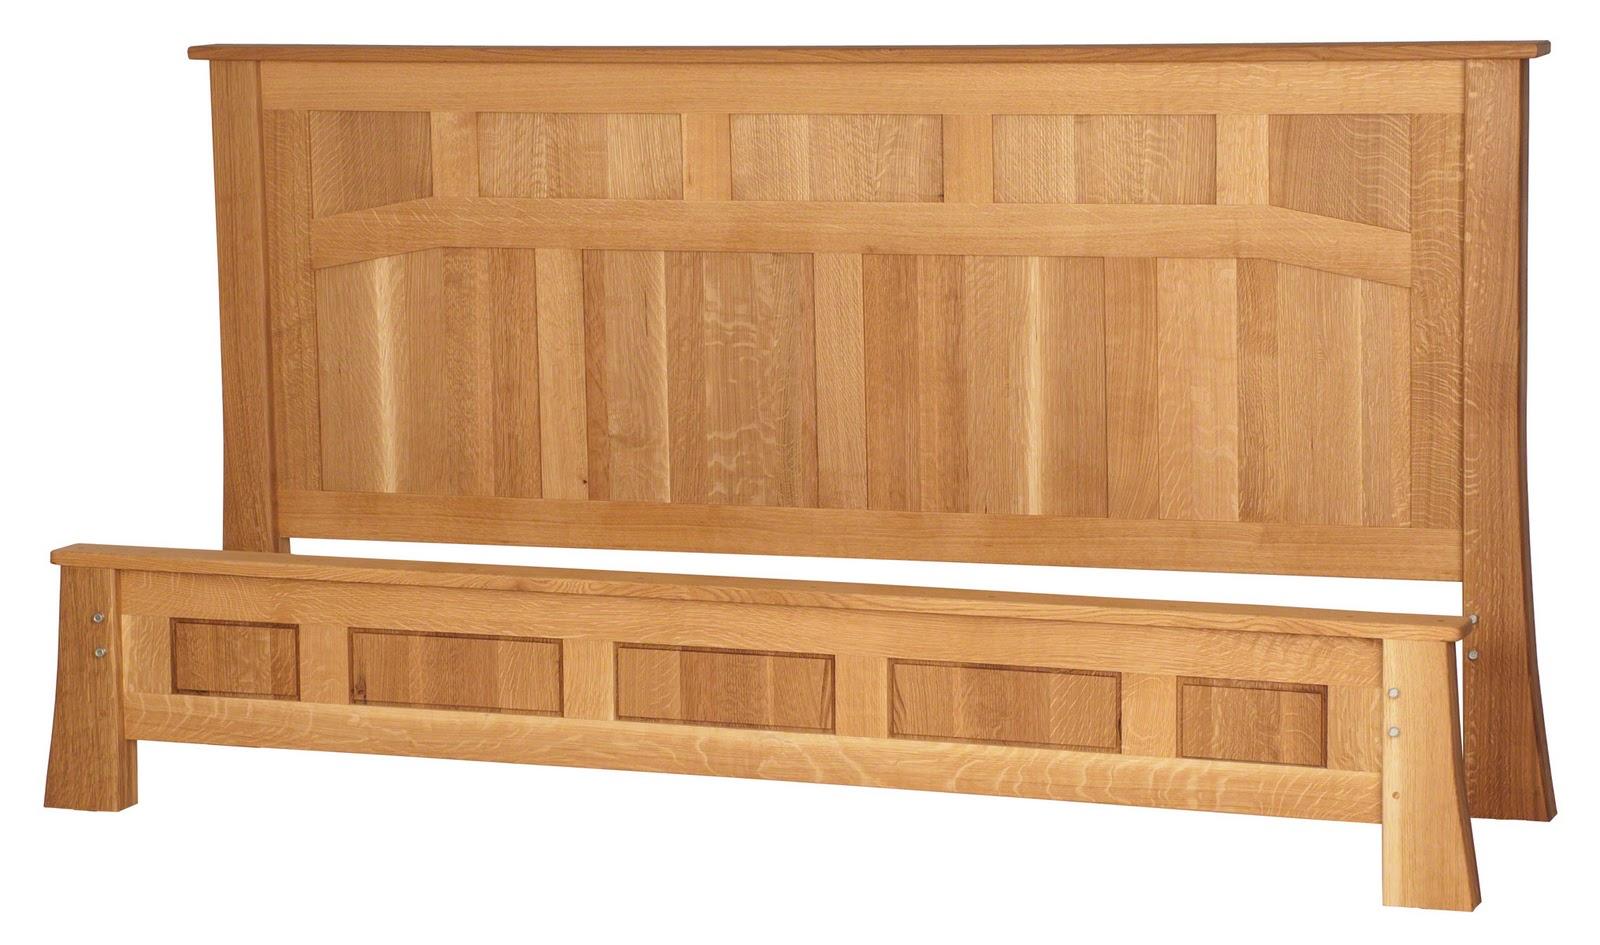 Edmonton Platform Bed Solid Wood Platform Bed In The